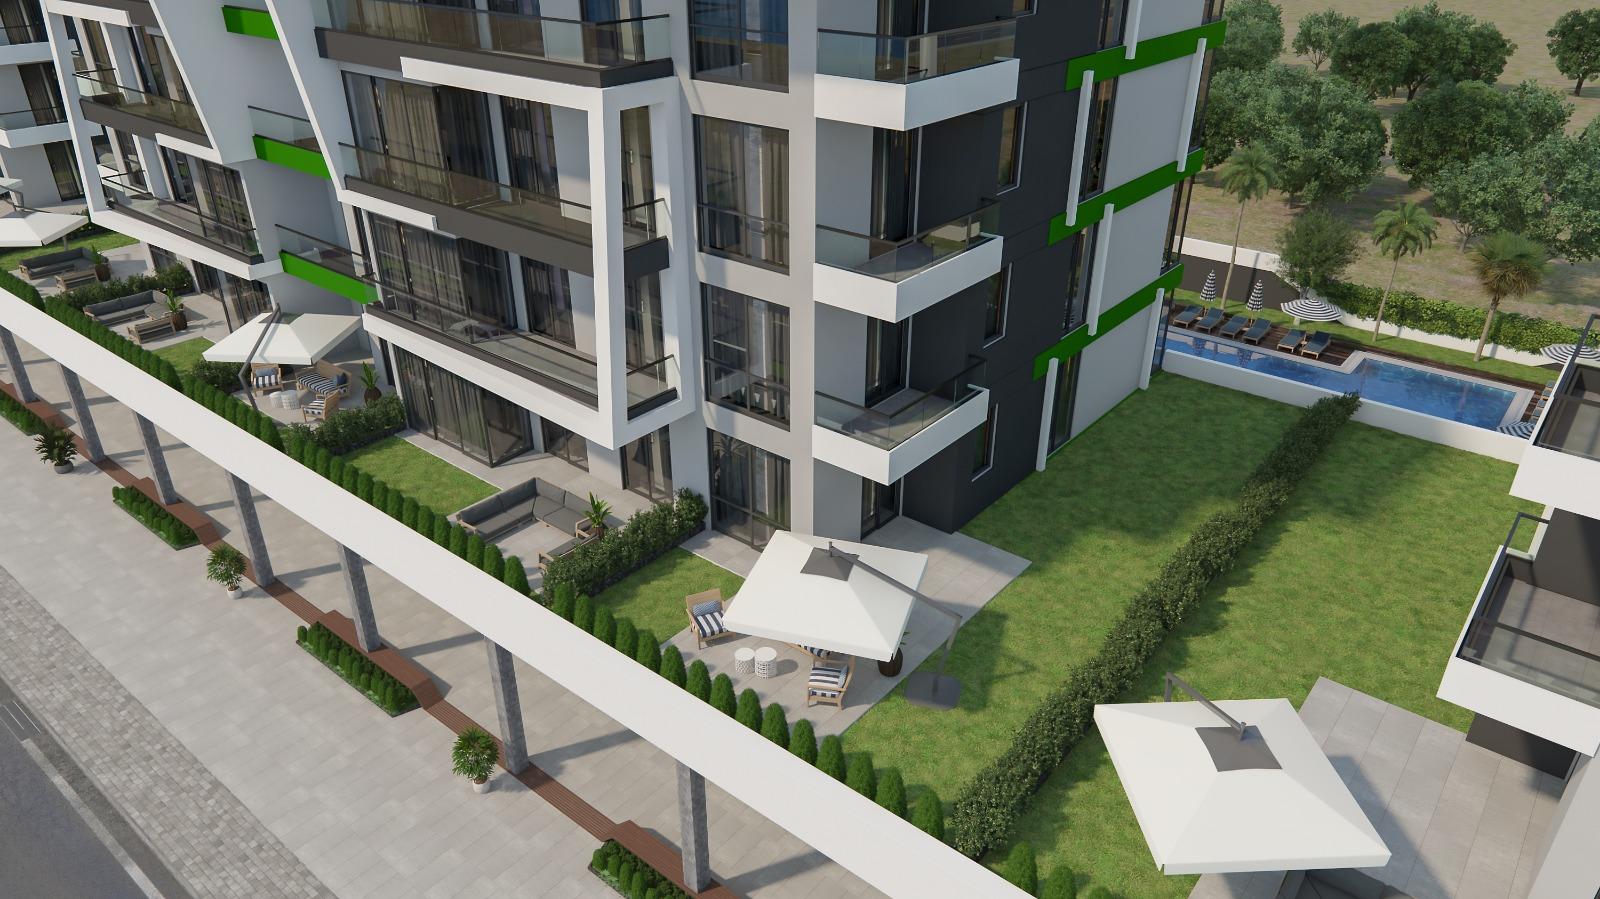 1+1 Квартиры класса люкс в строящемся жилом комплексе в рассрочку